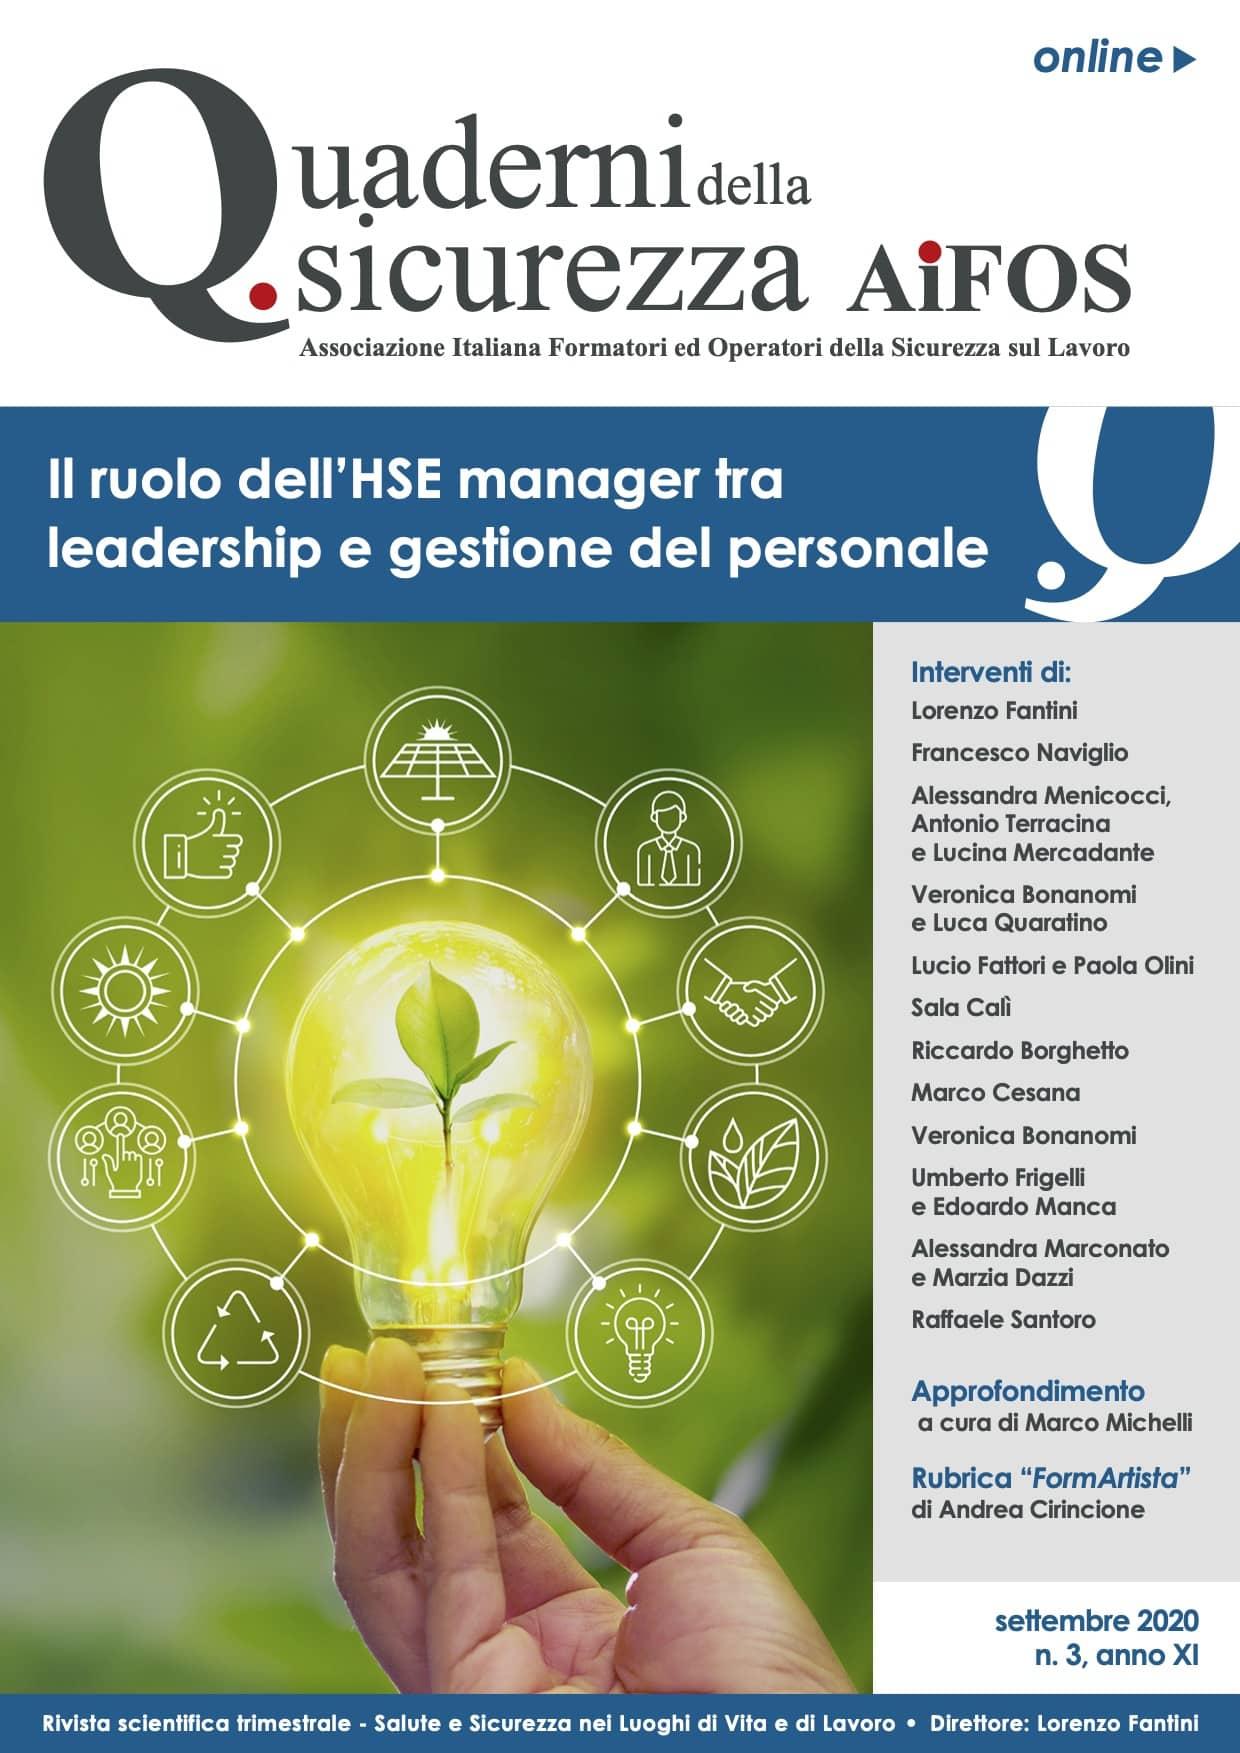 Il ruolo dell'HSE manager tra leadership e gestione del personale